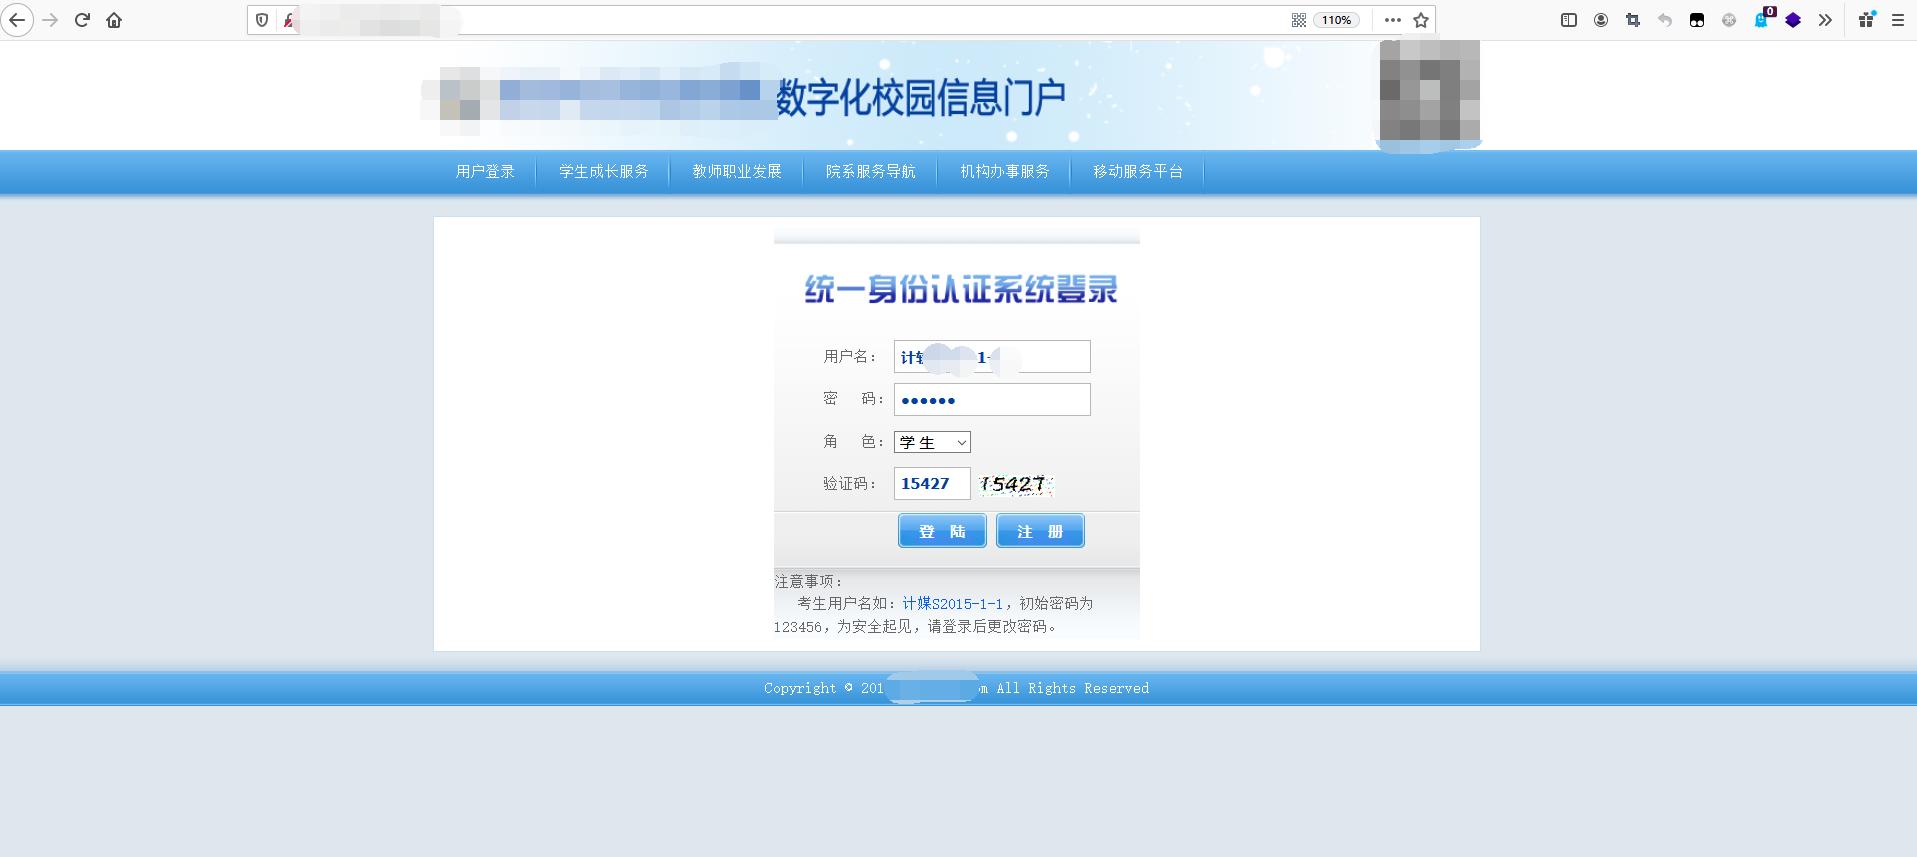 【渗透案例投稿】真实记录一次对某大学网站的渗透测试-极安网